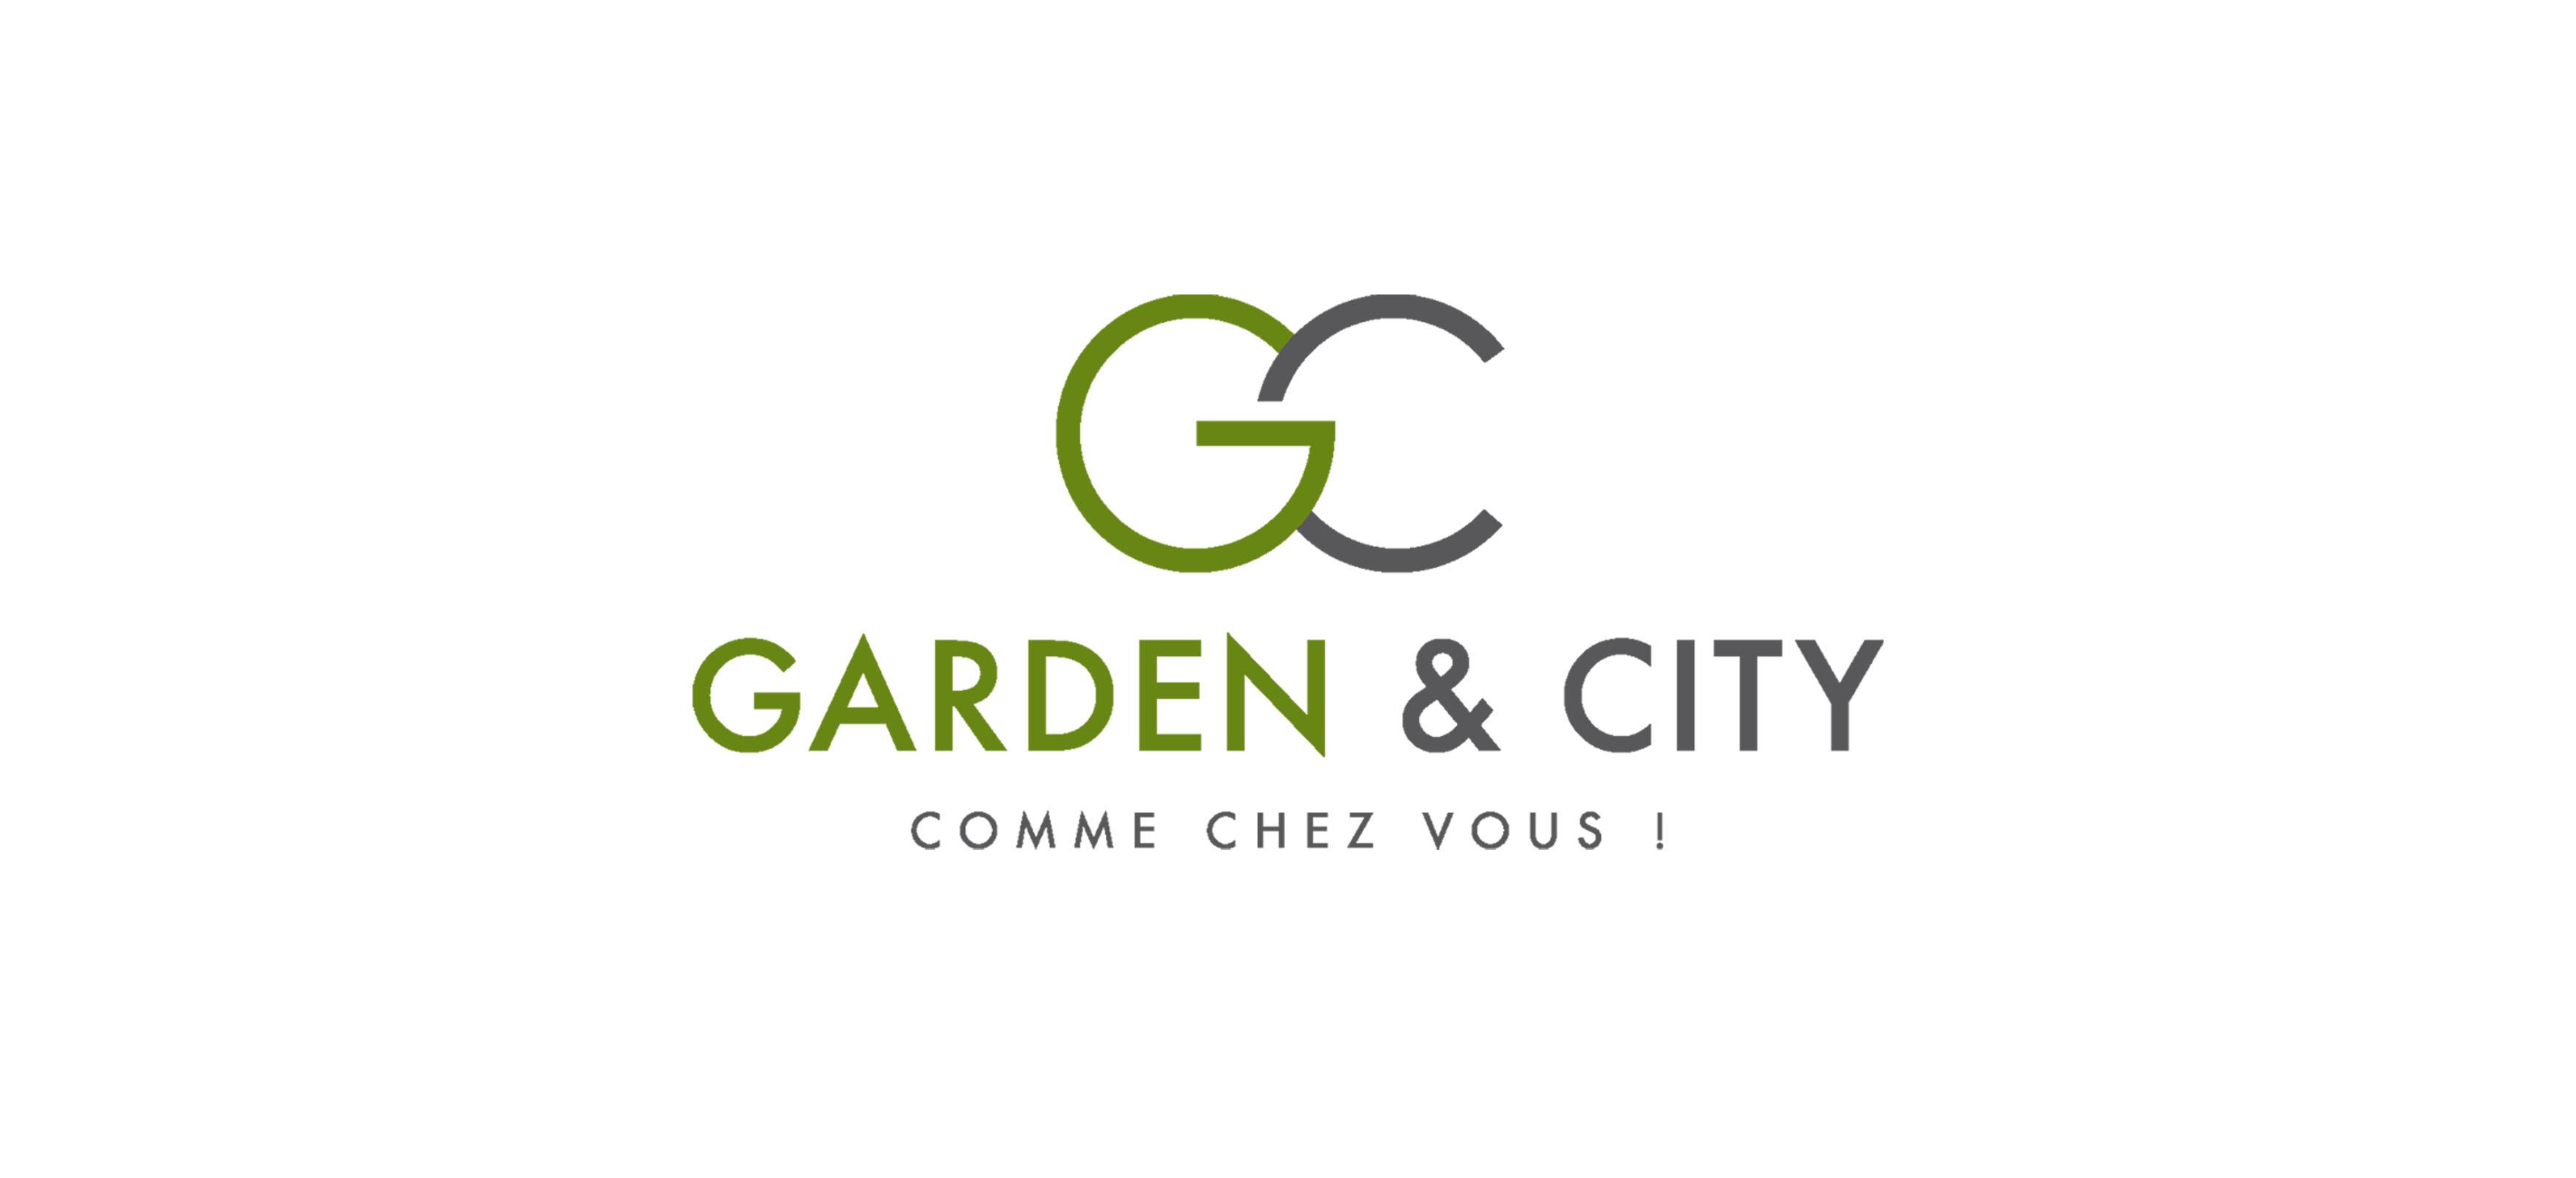 GARDEN & CITY